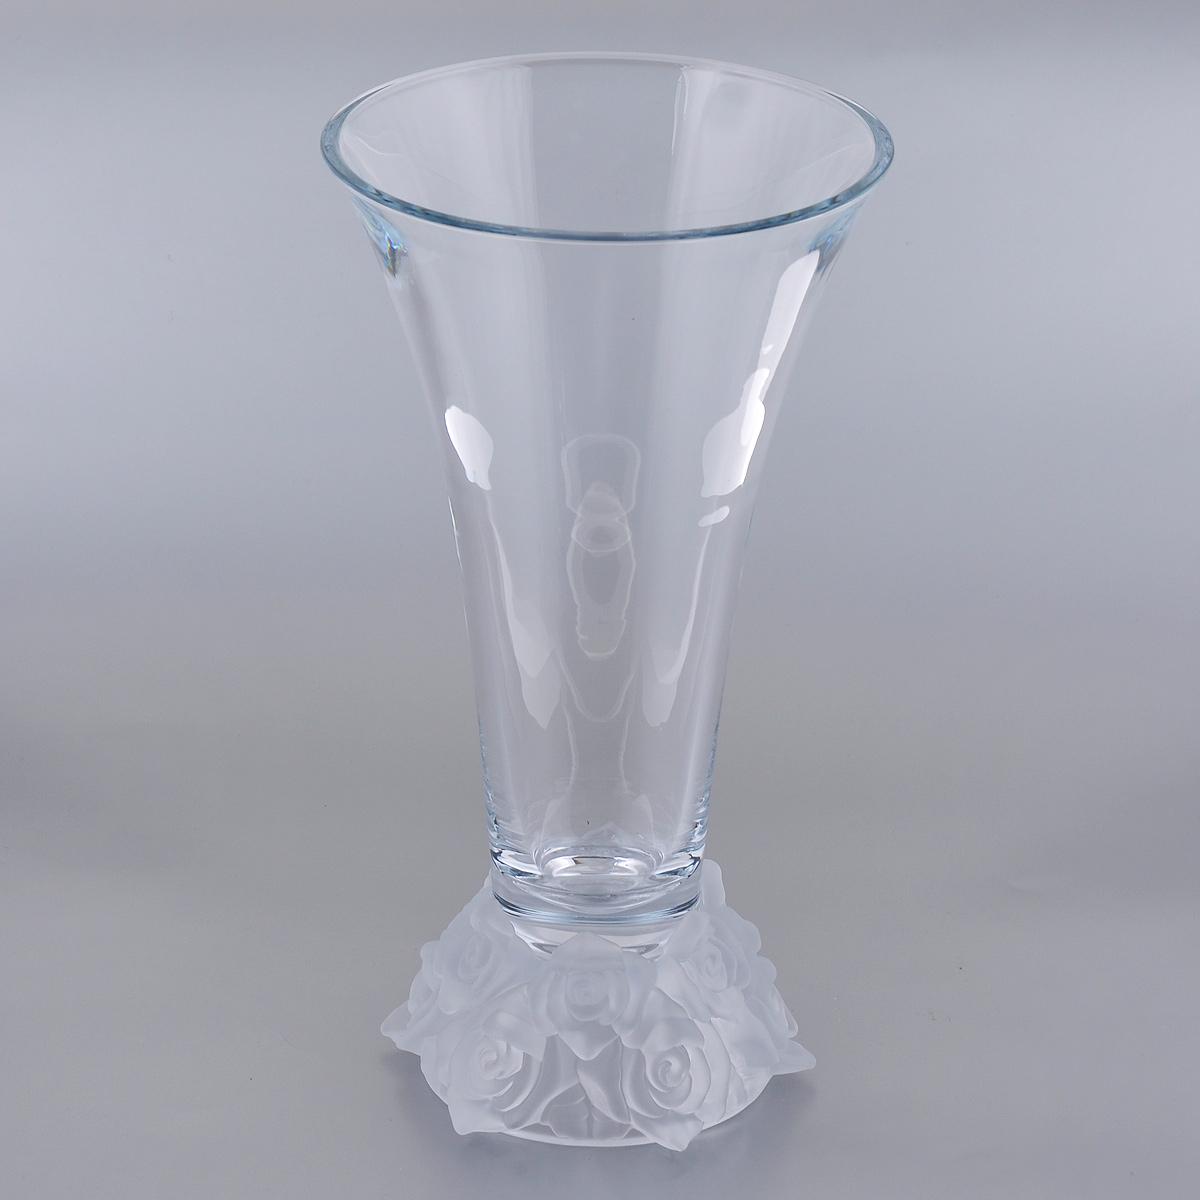 Ваза Crystalite Bohemia Роза, цвет: белый, высота 35,5 см8KG34/0/99T42/355Изящная ваза Crystalite Bohemia Роза изготовлена из прочного утолщенного стекла кристалайт. Она красиво переливается и излучает приятный блеск. Основание вазы декорировано рельефом в виде роз из матового стекла. Ваза Crystalite Bohemia Роза дополнит интерьер офиса или дома и станет желанным и стильным подарком.